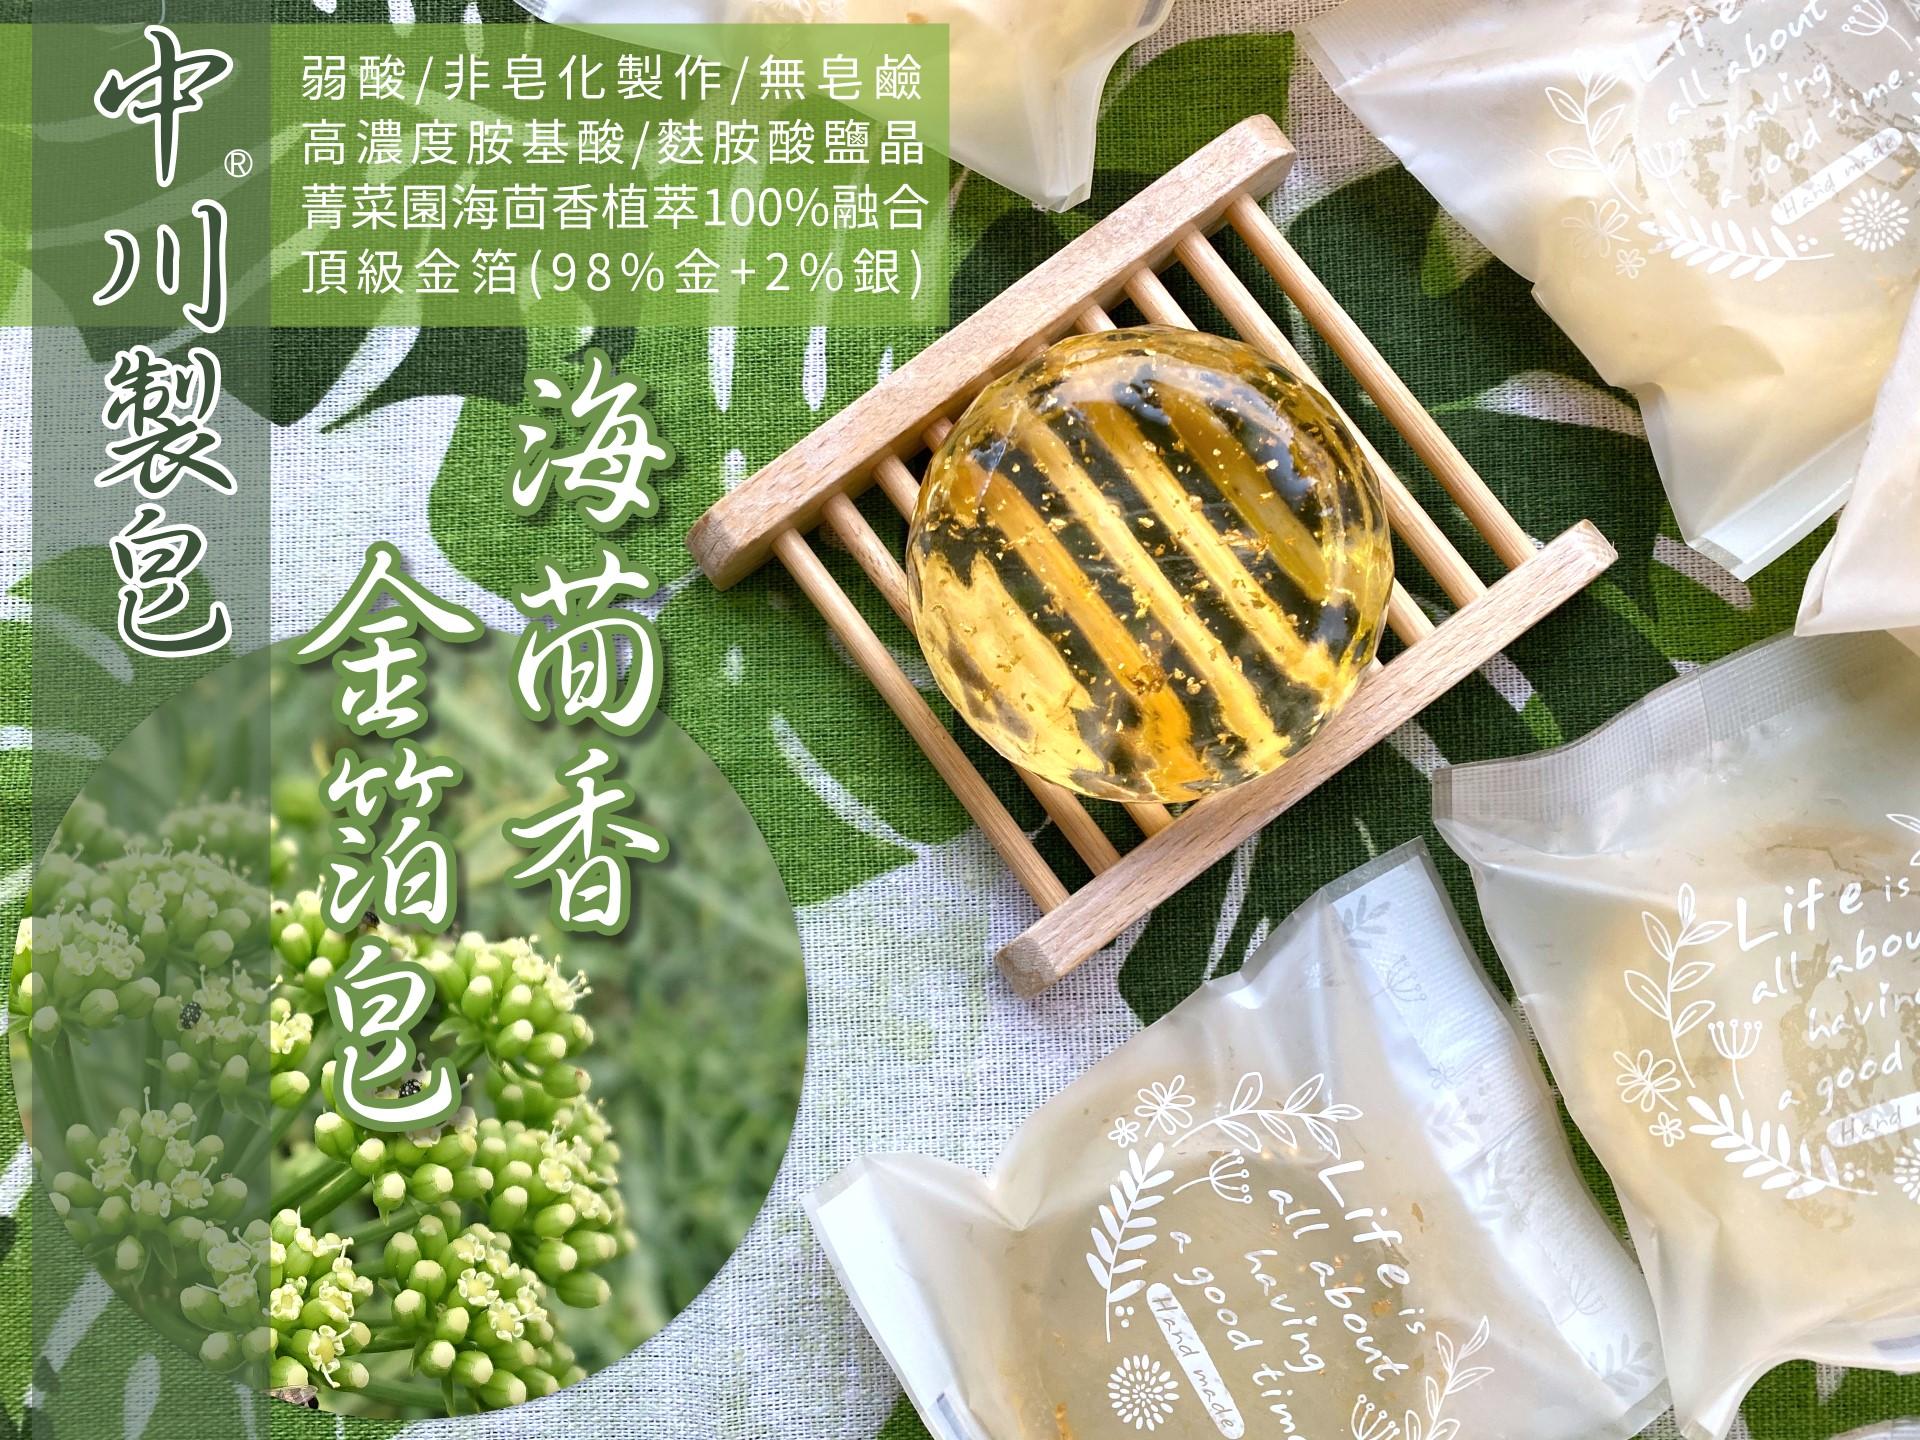 金箔皂,海茴香金箔皂